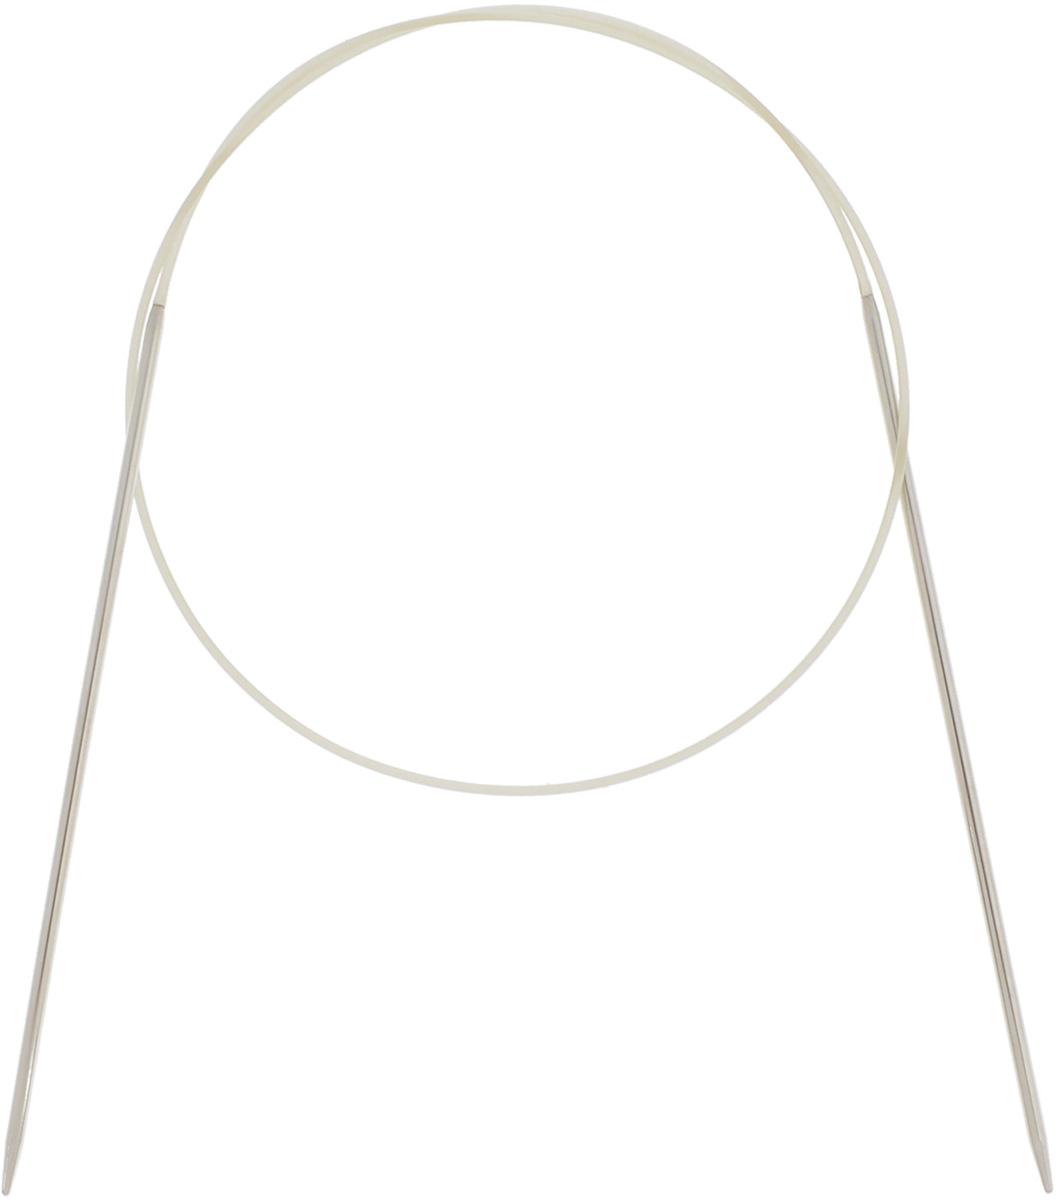 Спицы Addi, круговые, диаметр 1,75 мм, длина 50 см114-7/1.75-50Спицы Addi изготовлены из латуни с никелированной поверхностью. Полые, очень легкие спицы с удлиненным кончиком скреплены мягким и гибким нейлоновым шнуром. Гладкое никелированное покрытие и тонкие переходы от спицы к шнуру позволяют петлям легче скользить. Малый вес изделия убережет ваши руки от усталости при вязании. Вы сможете вязать для себя, делать подарки друзьям. Работа, сделанная своими руками, долго будет радовать вас и ваших близких.